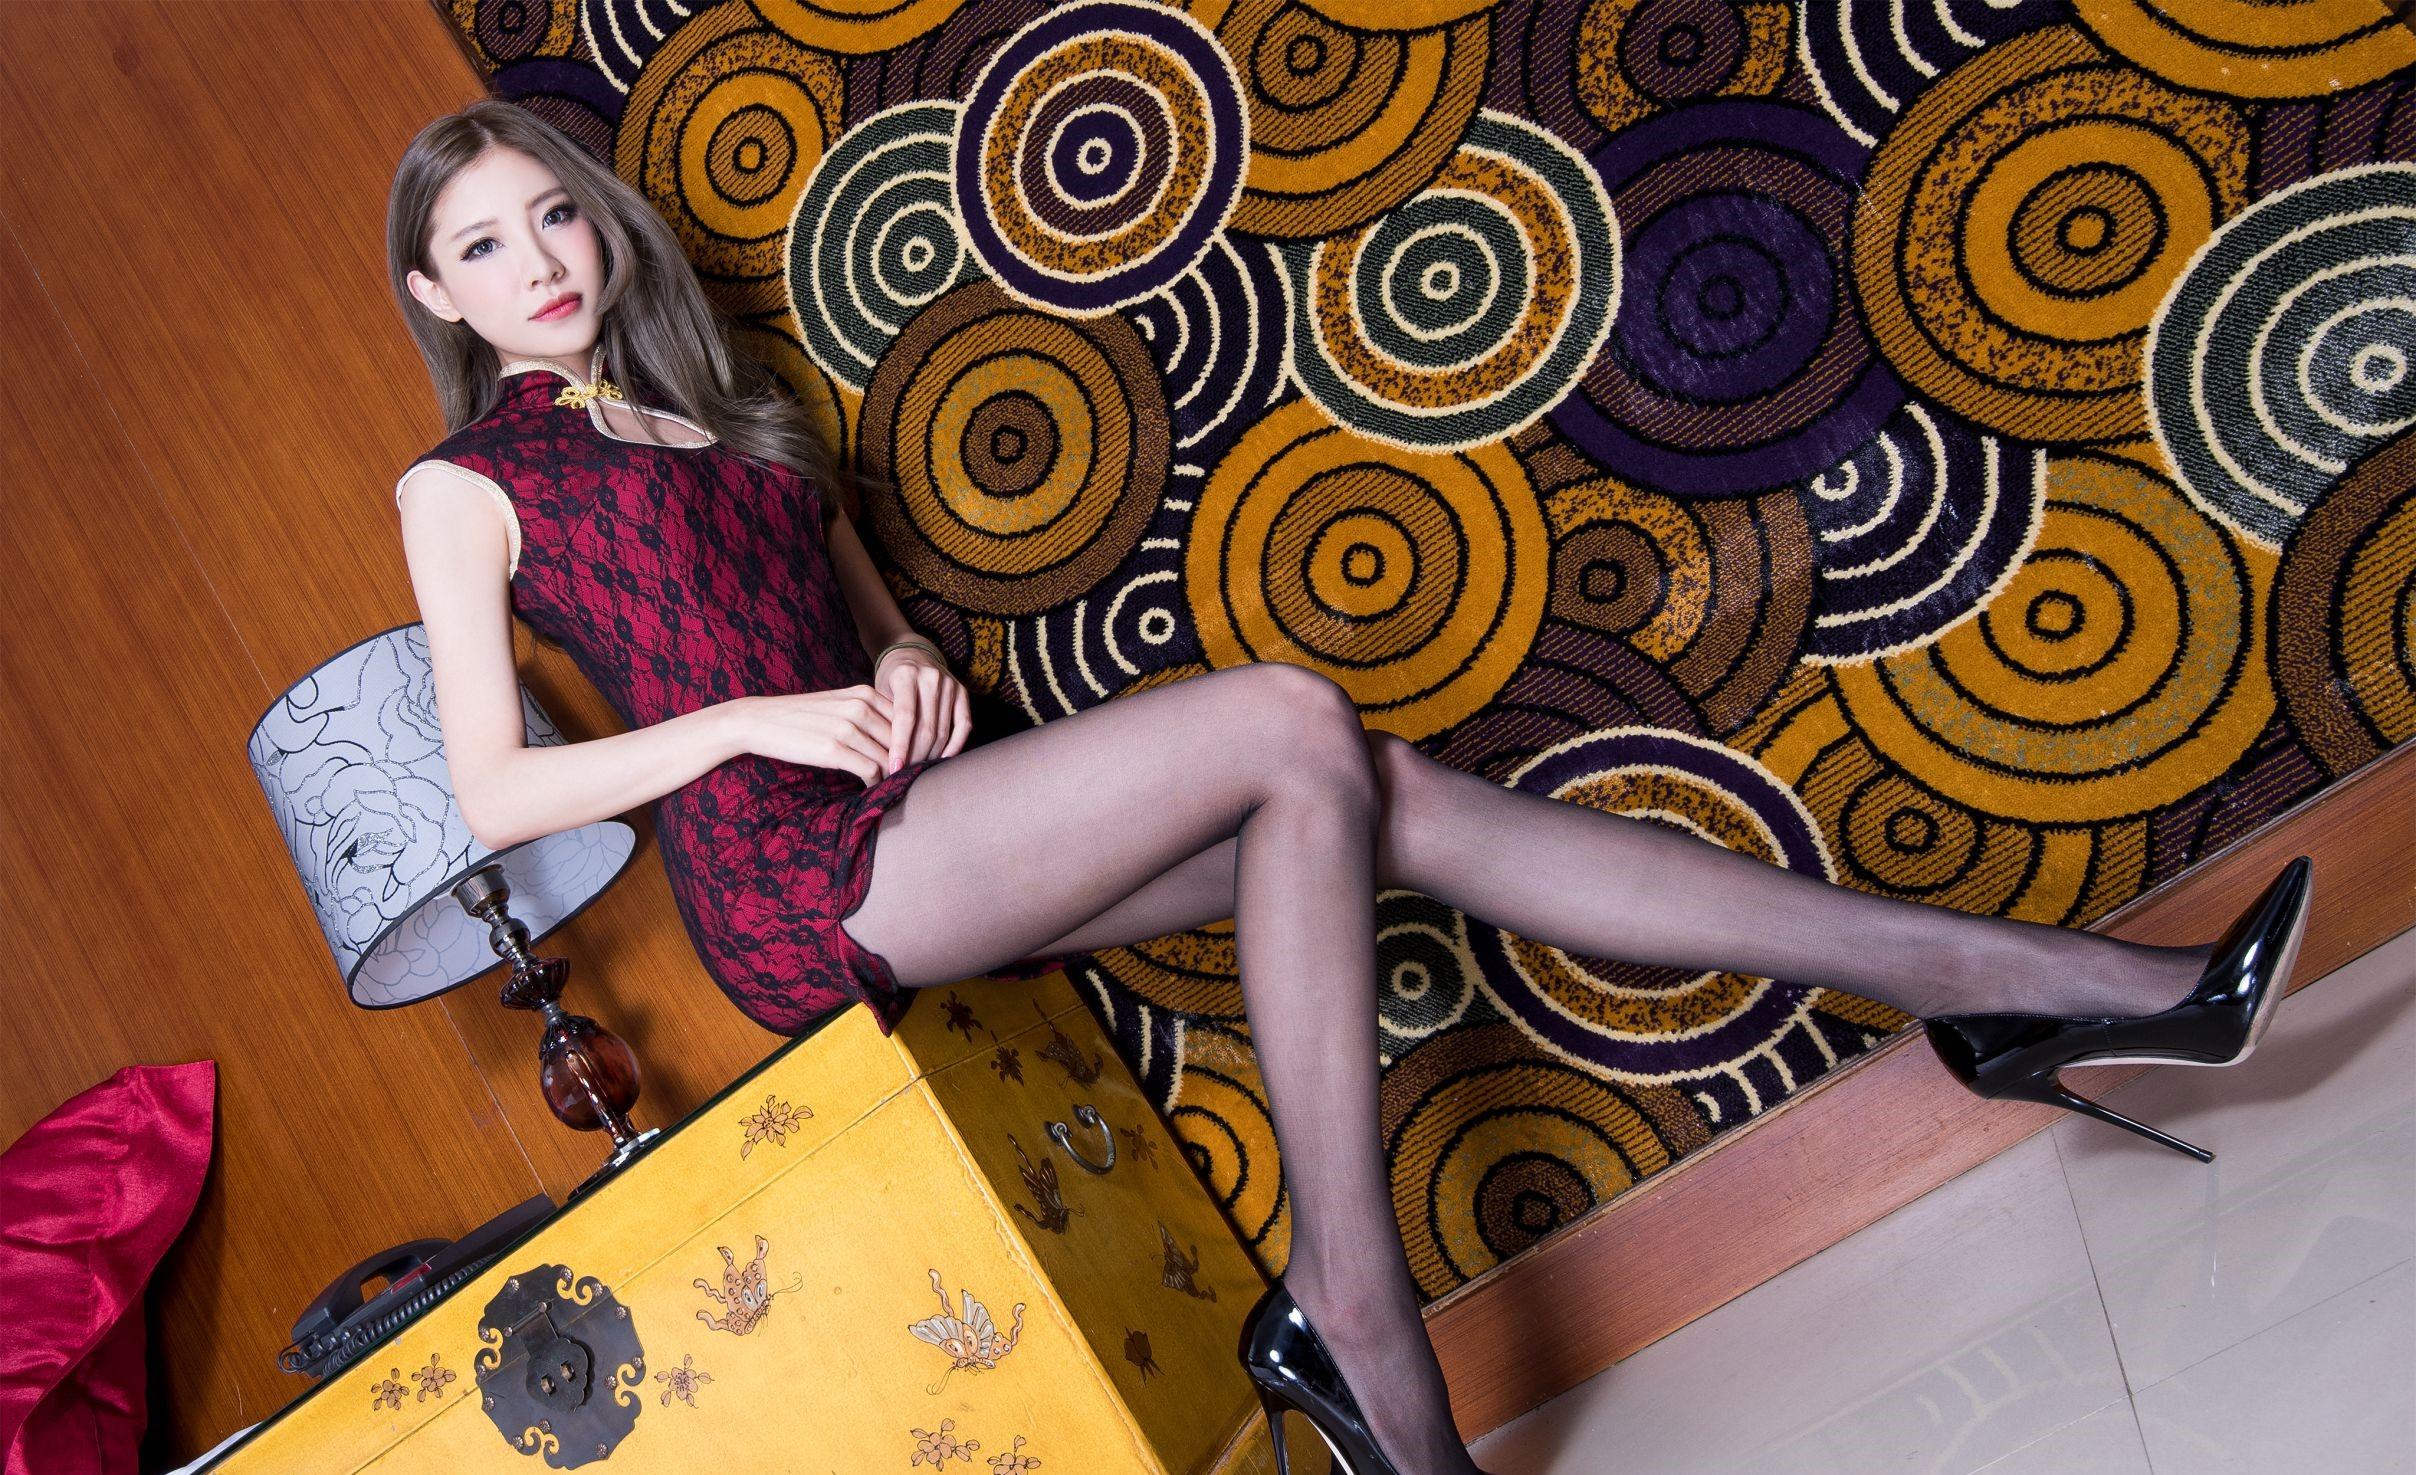 パンスト脚を見せつけるチャイナ美女 9